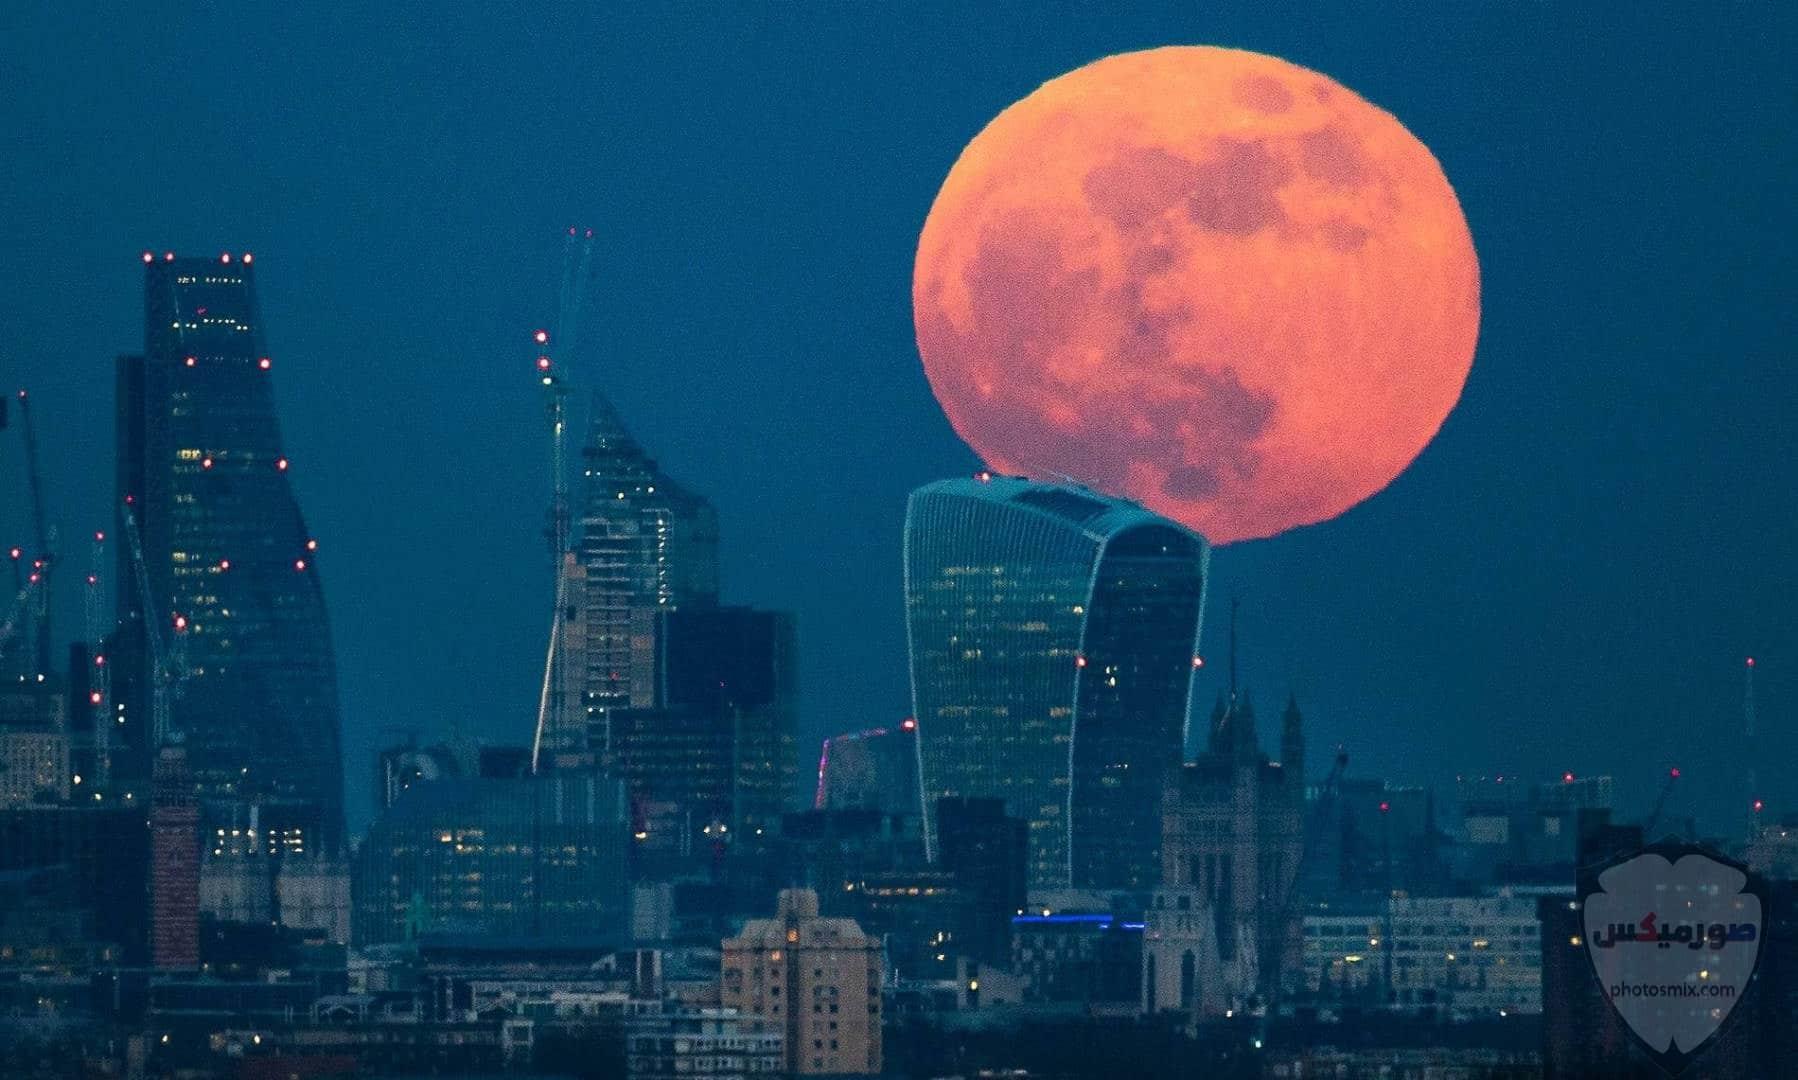 صور القمر والسماء والنجوم خلفيات للقمر والبدر والهلال عالية الجودة 19